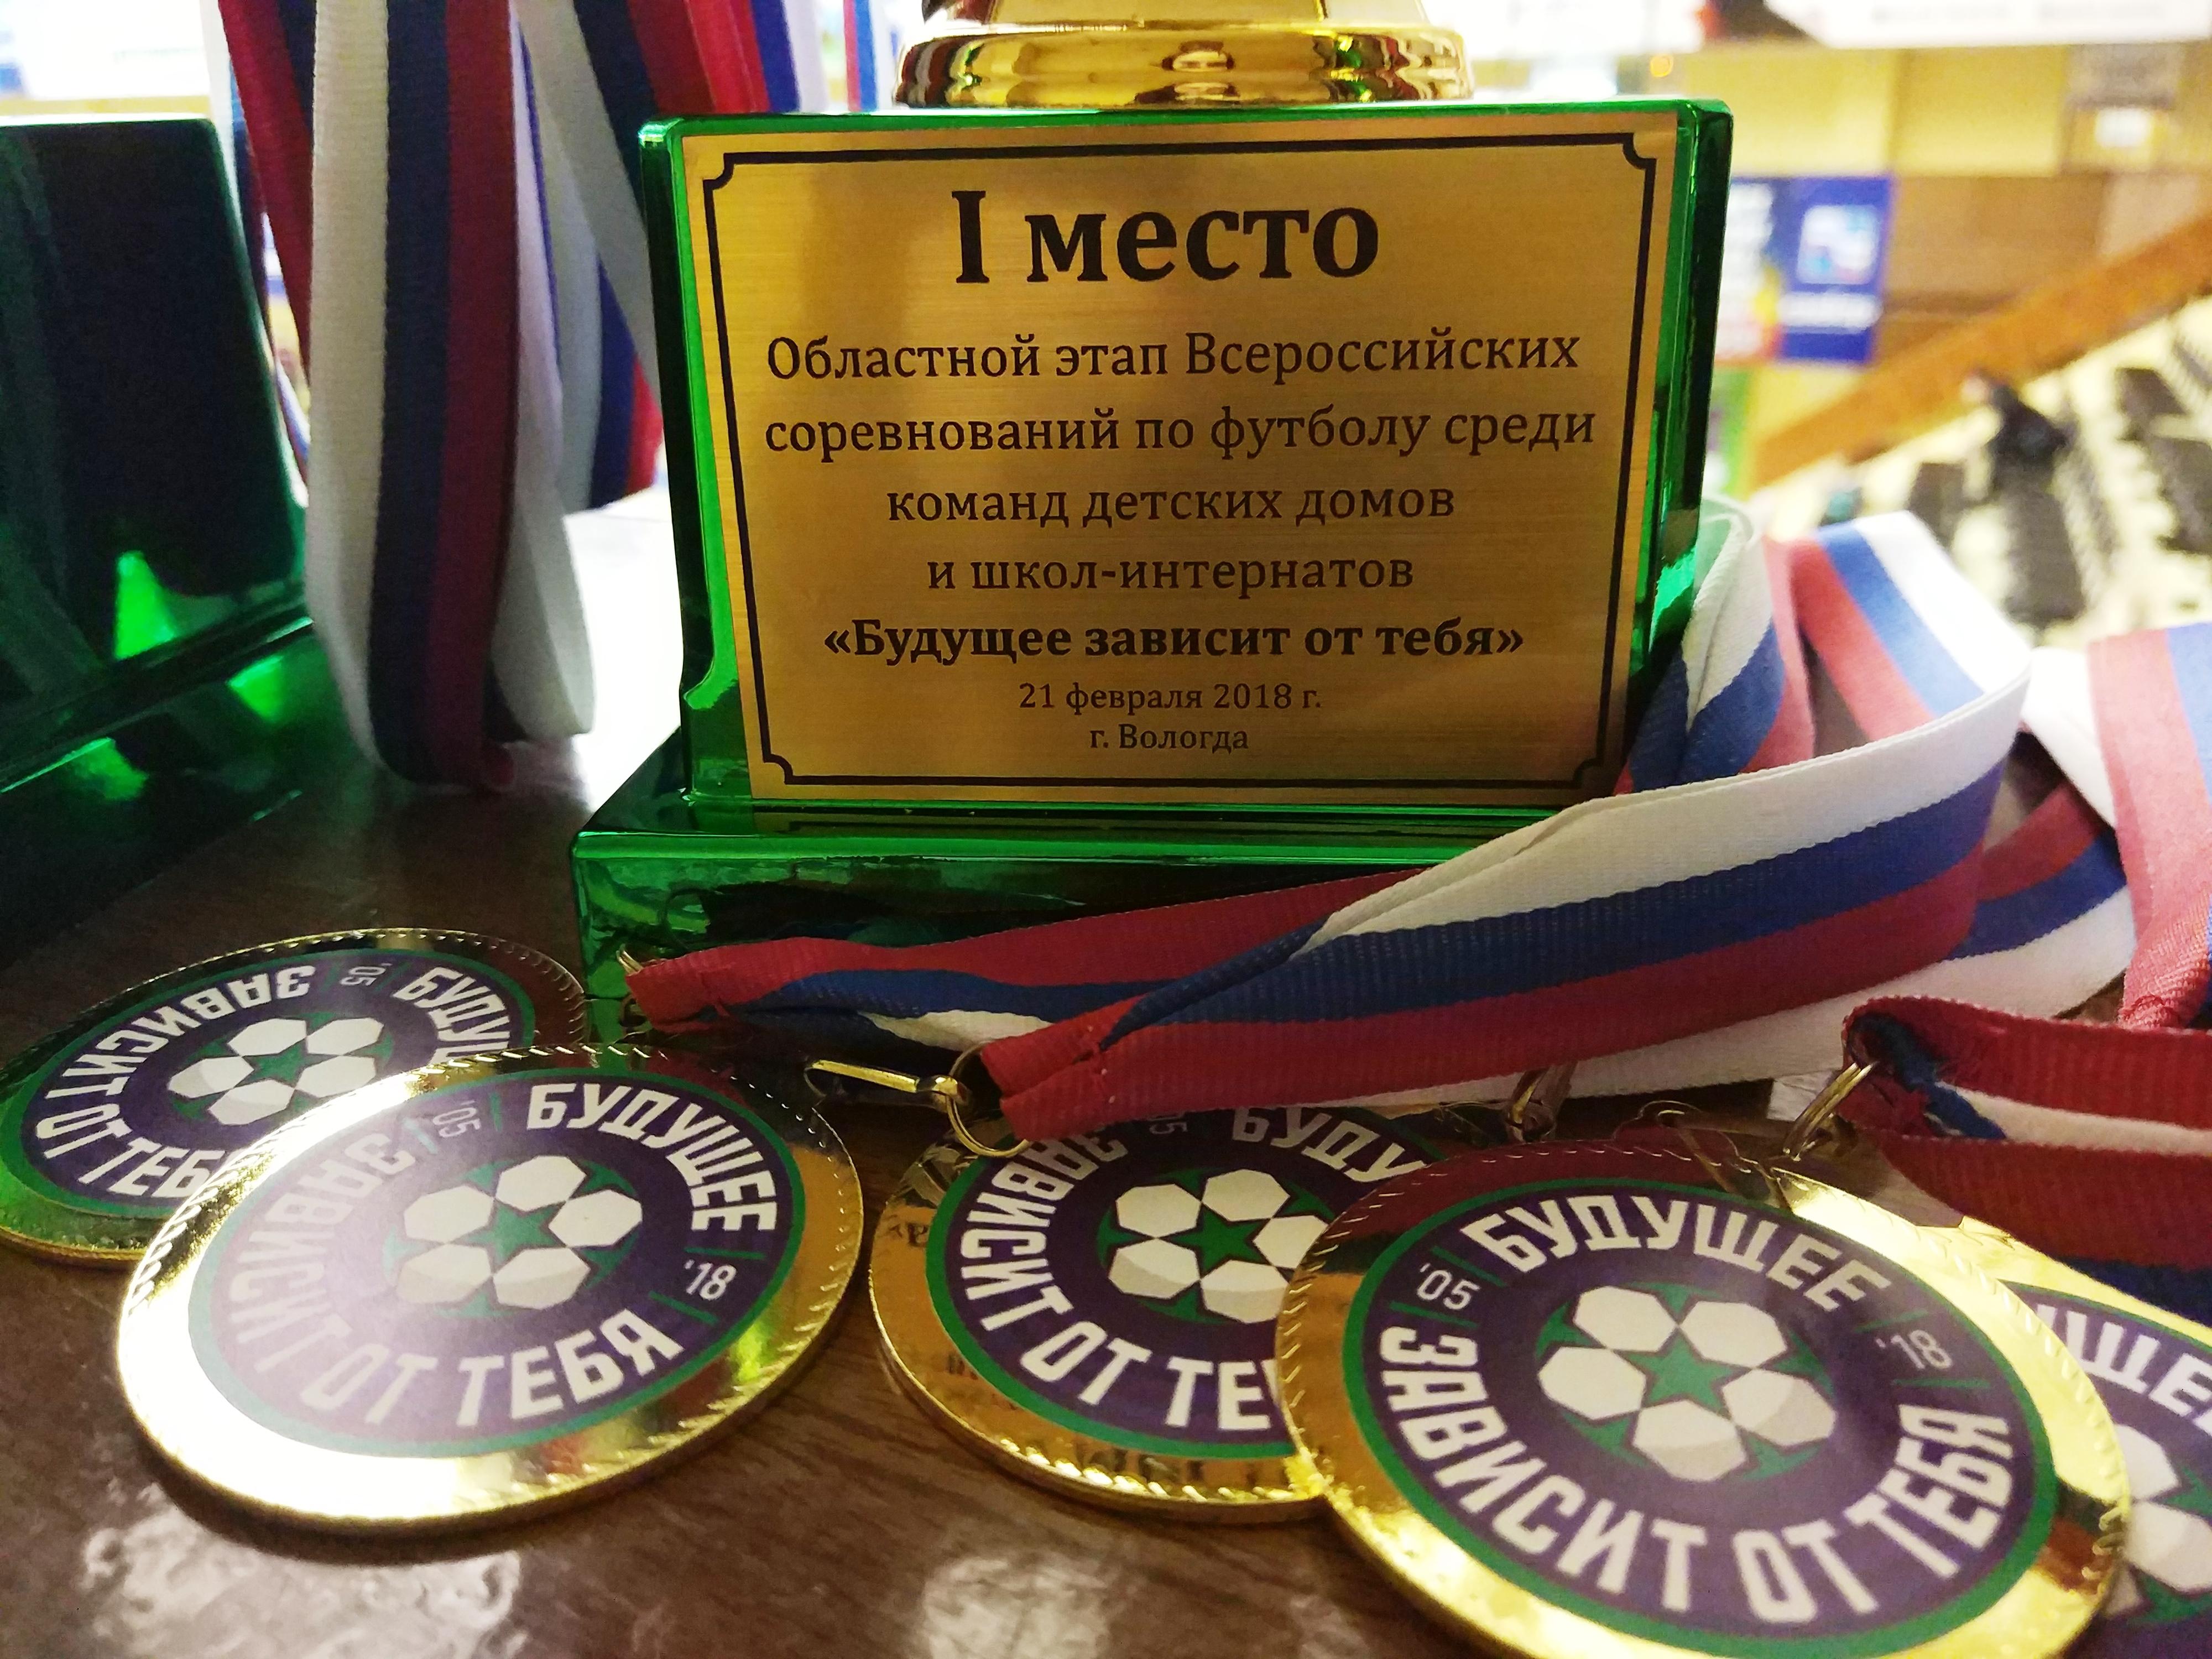 Юные футболисты из Вологды поедут в Петербург